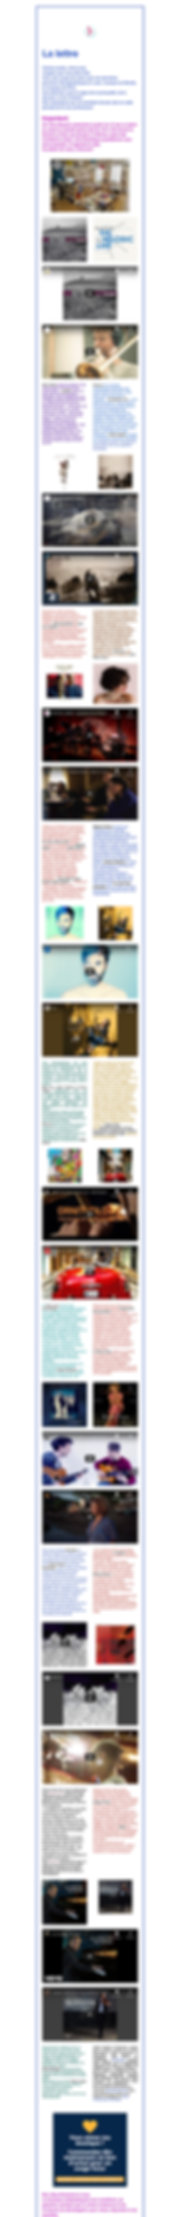 La lettre_page-0001.jpg